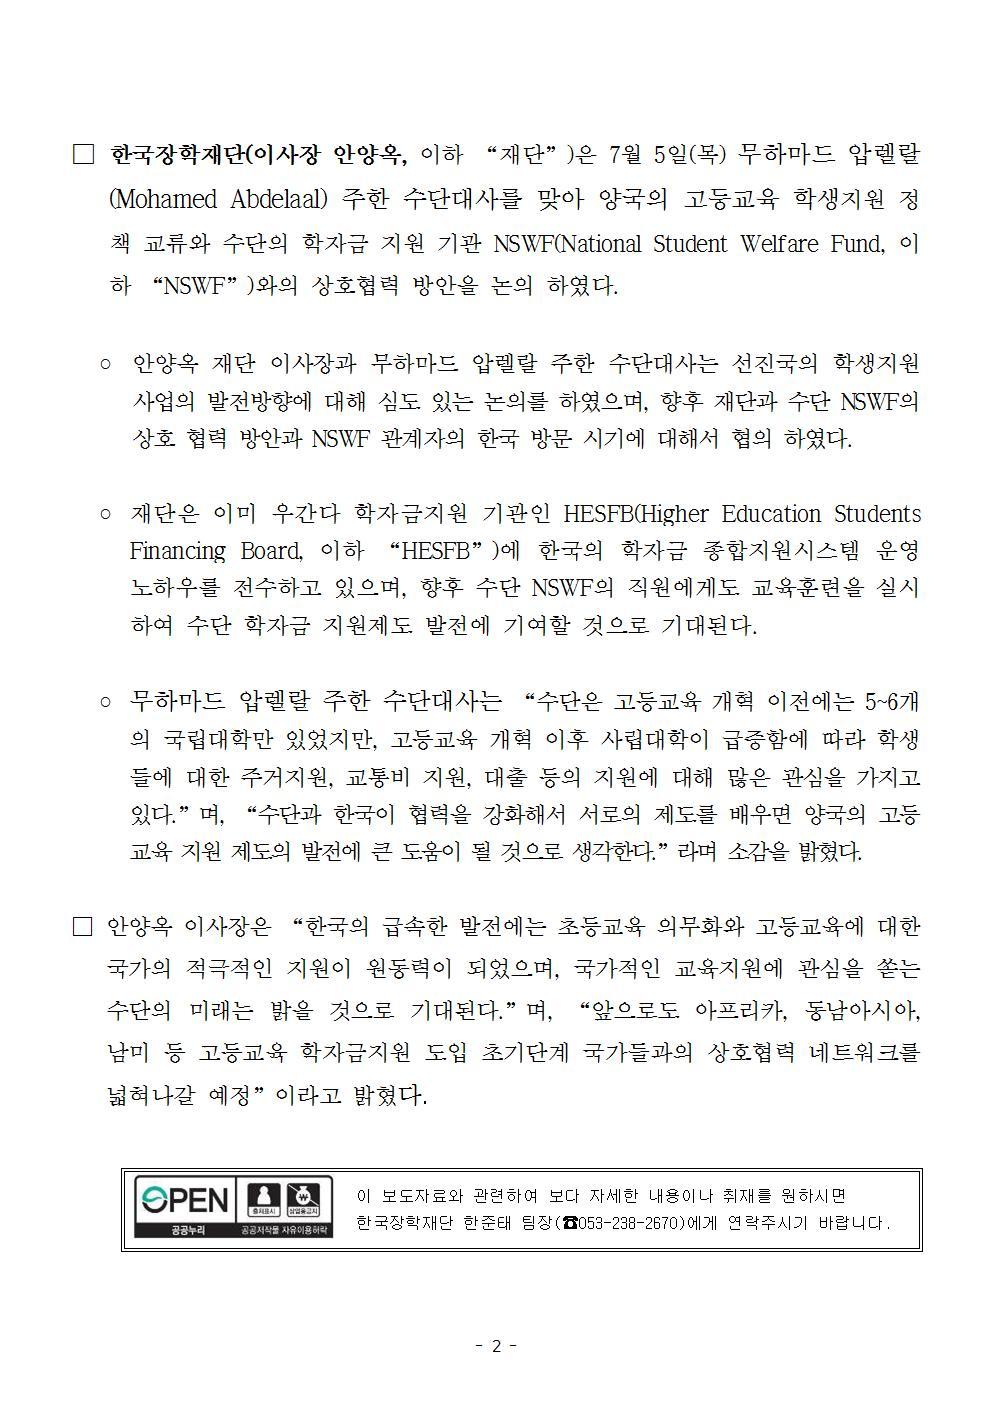 07-09(월)[보도자료] 한국장학재단, 수단 학생지원 기관 NSWF와 교류 협력 추진002.jpg